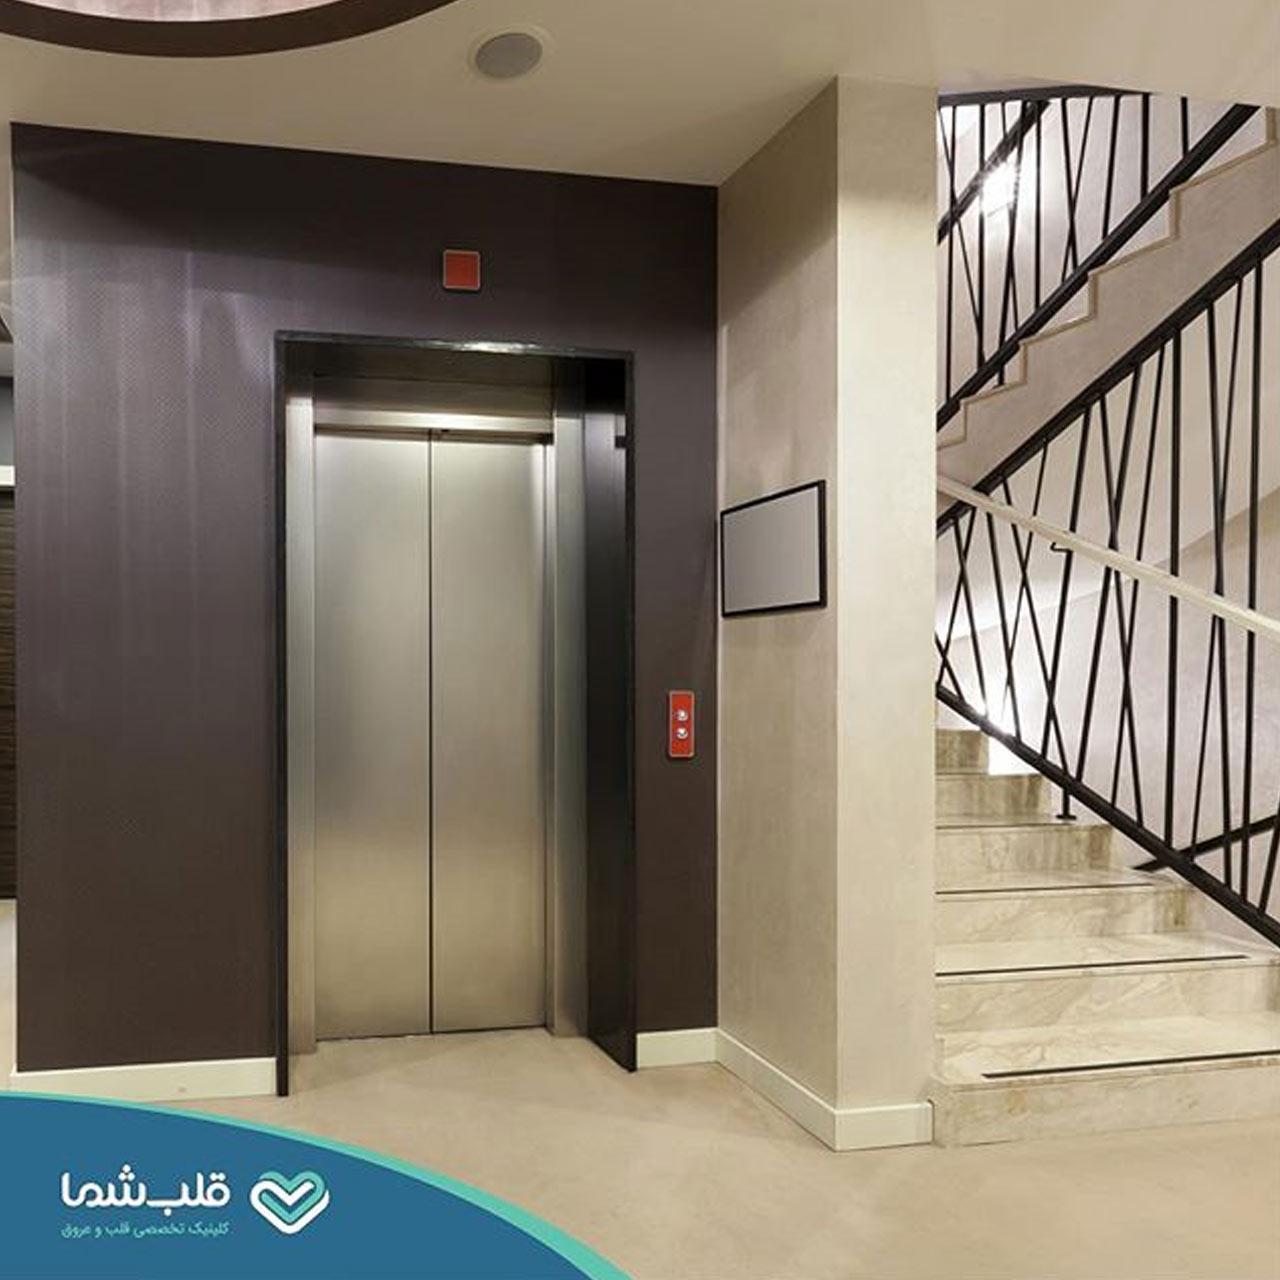 به جای استفاده از آسانسور، از پلهها استفادهکنید.